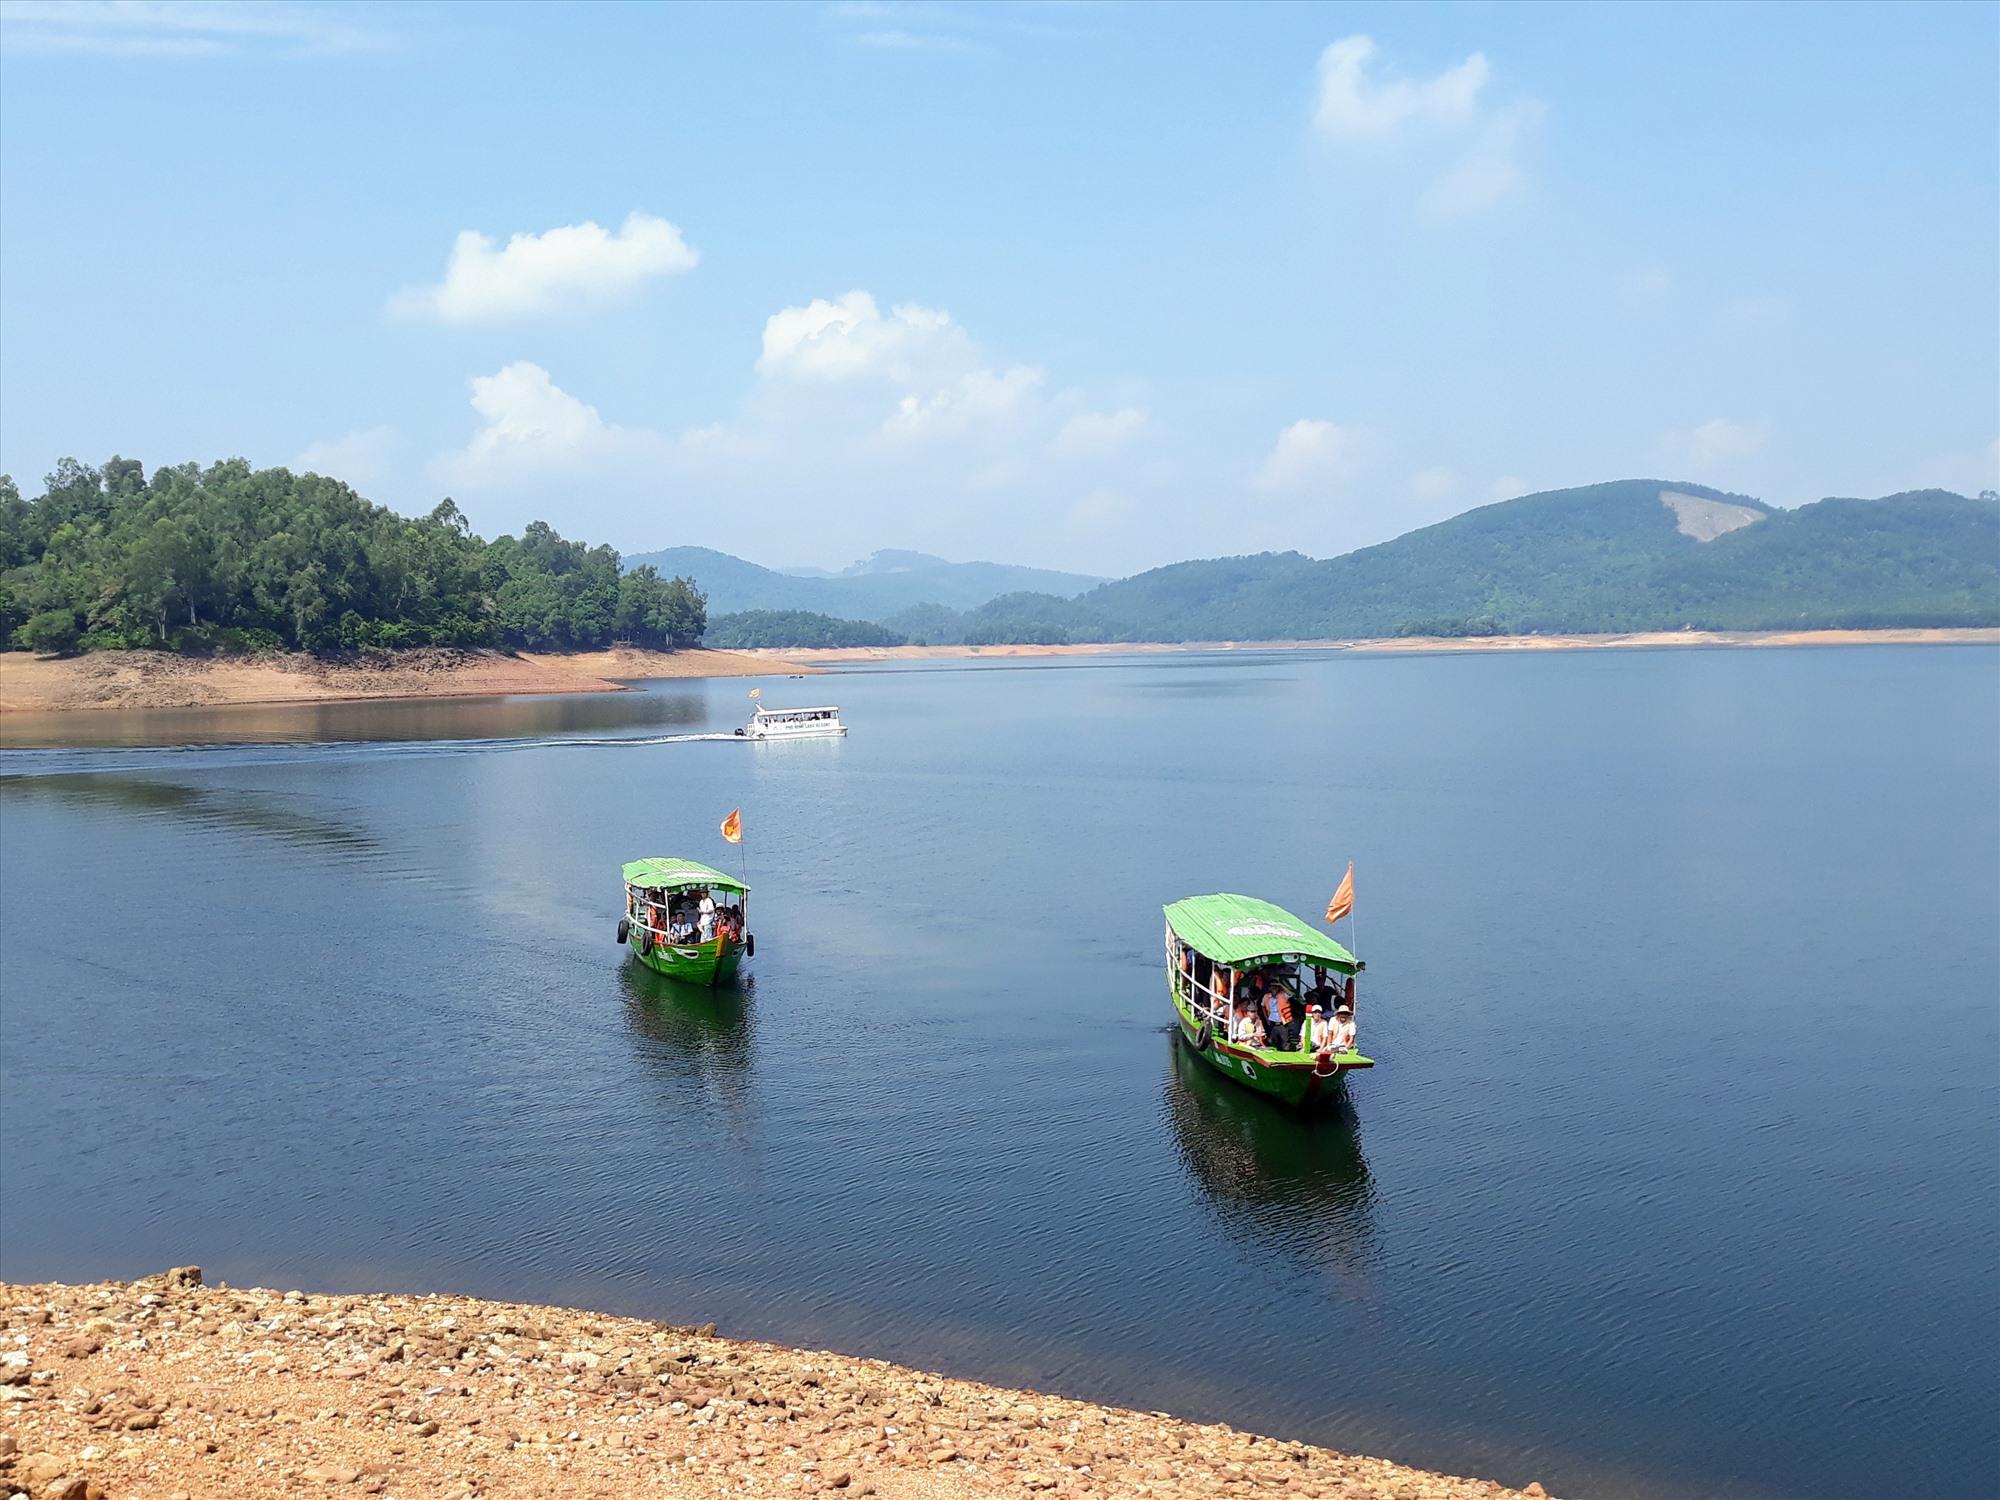 Rất cần quảng bá du lịch bằng hình thức trực tuyến. Trong ảnh: Hồ Phú Ninh. Ảnh: B.A